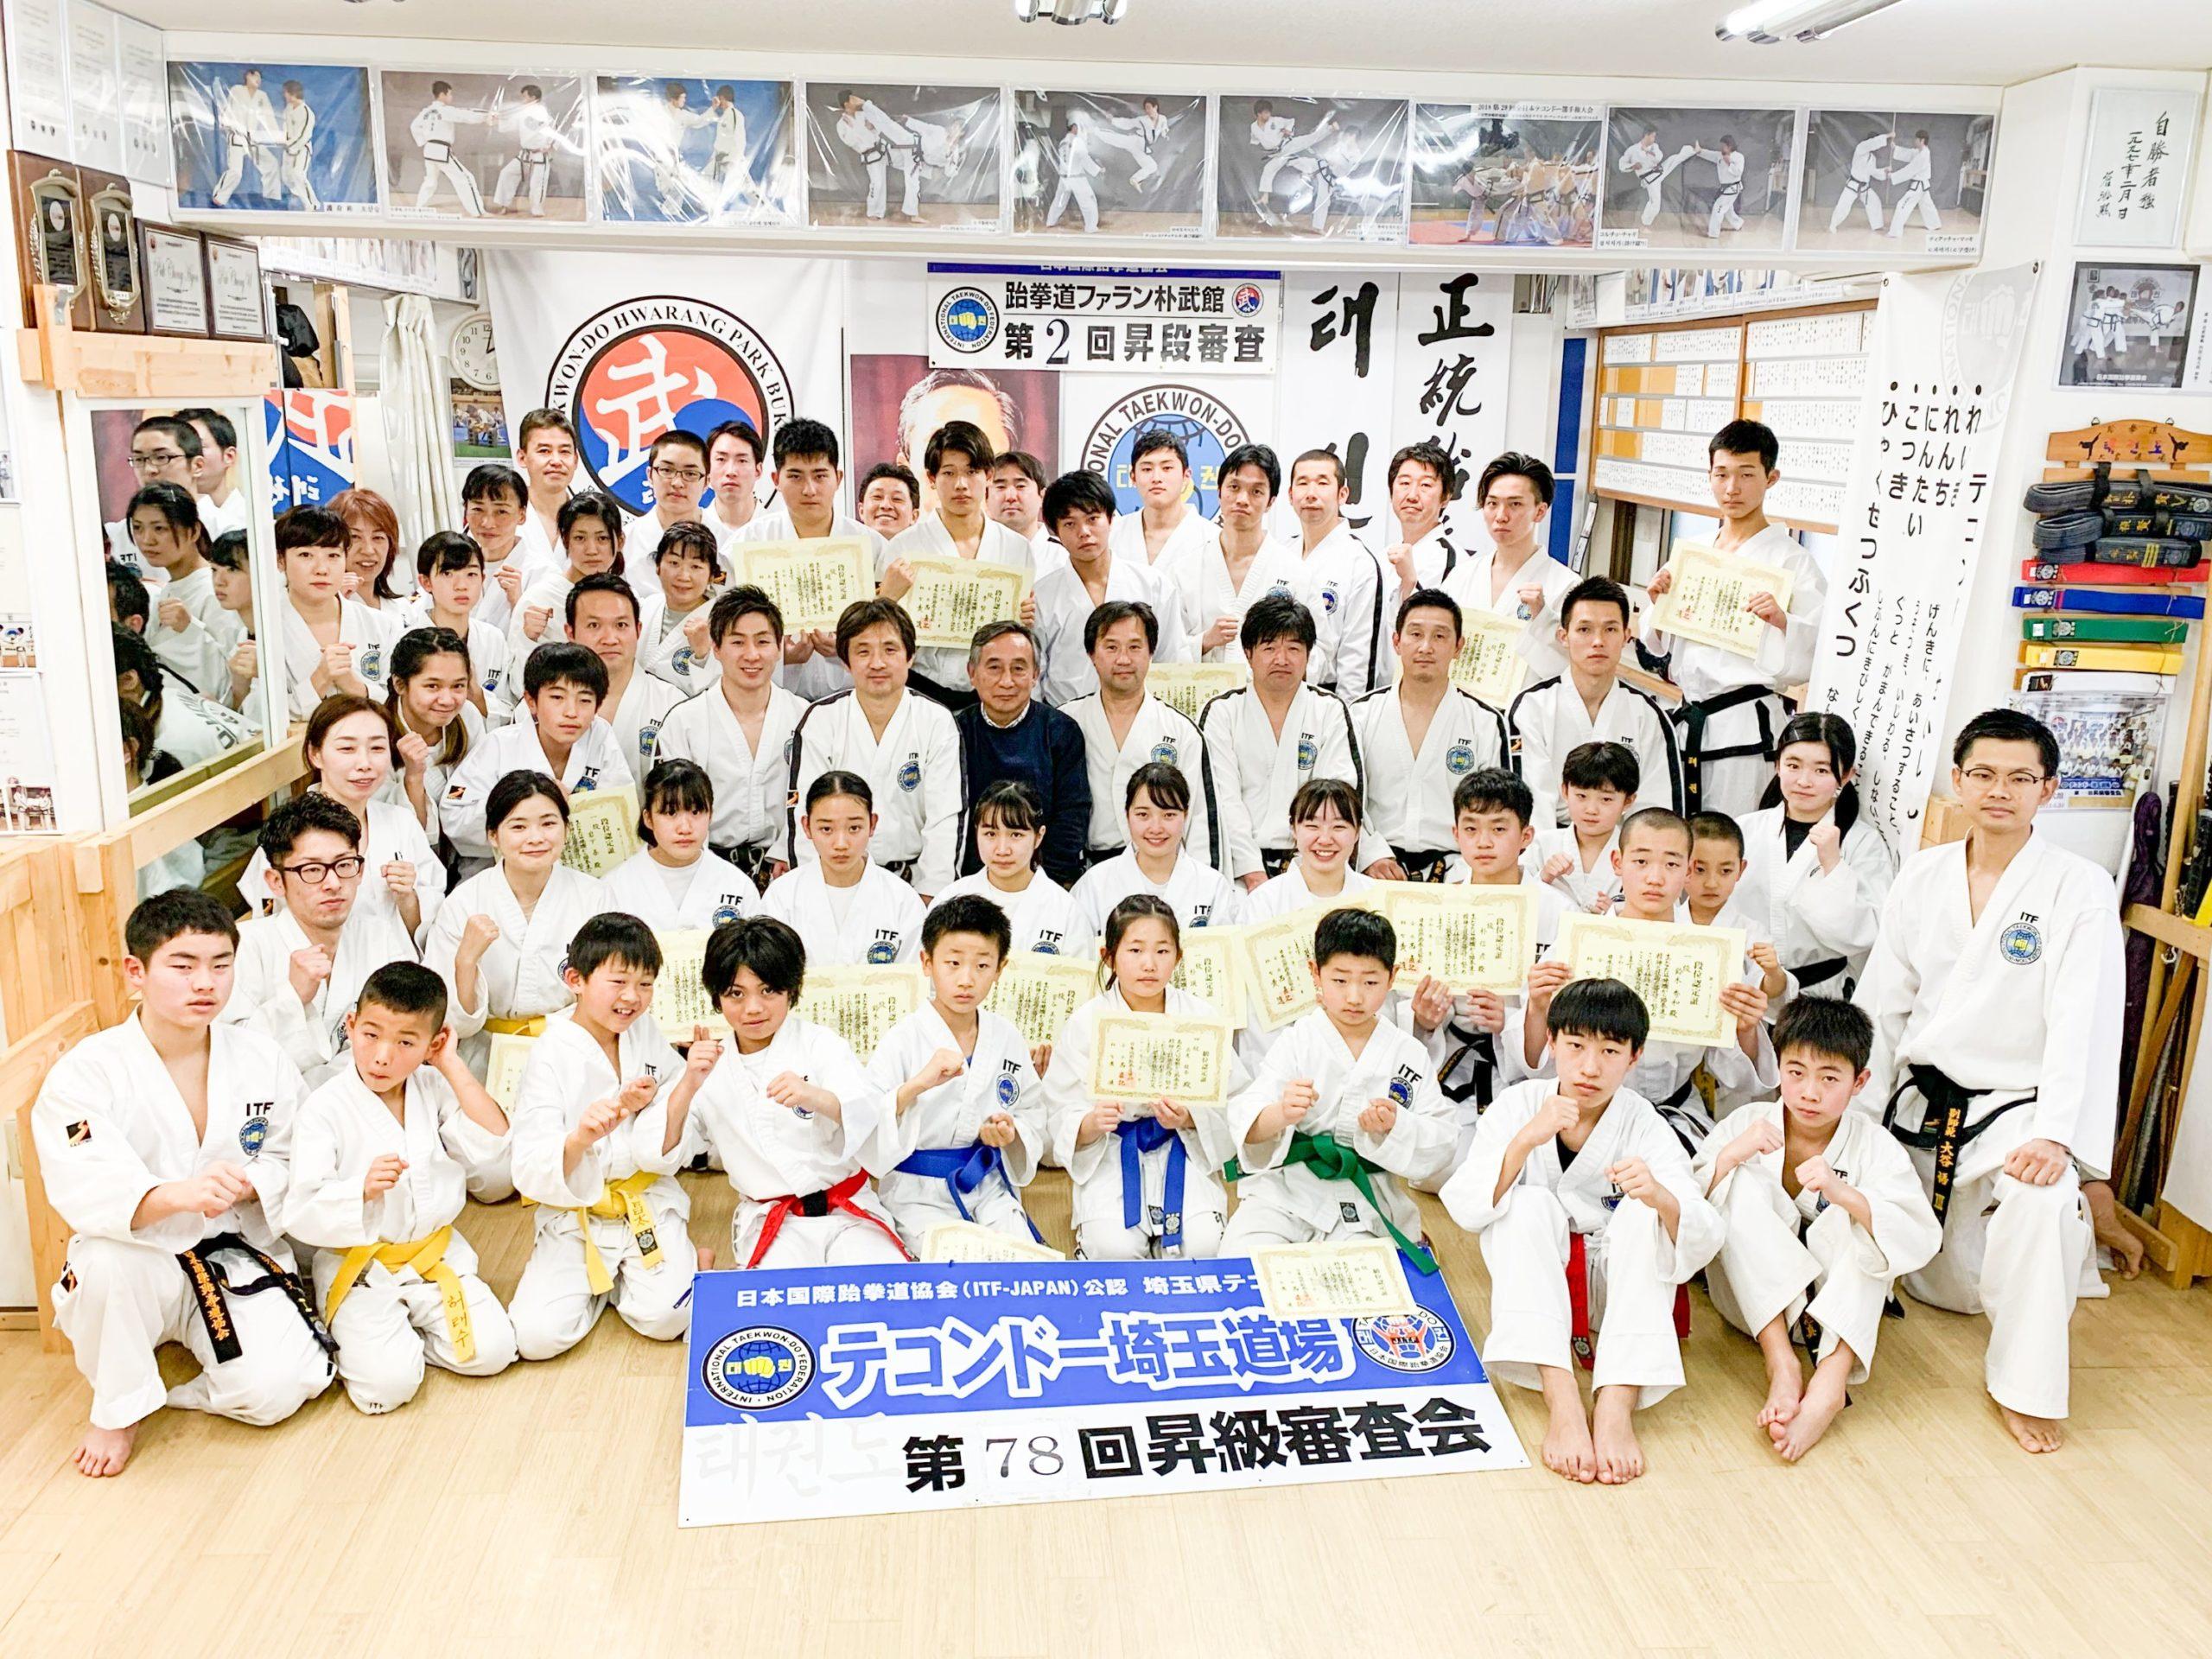 テコンドー・ファラン朴武館第2回昇段審査・第78回昇級審査